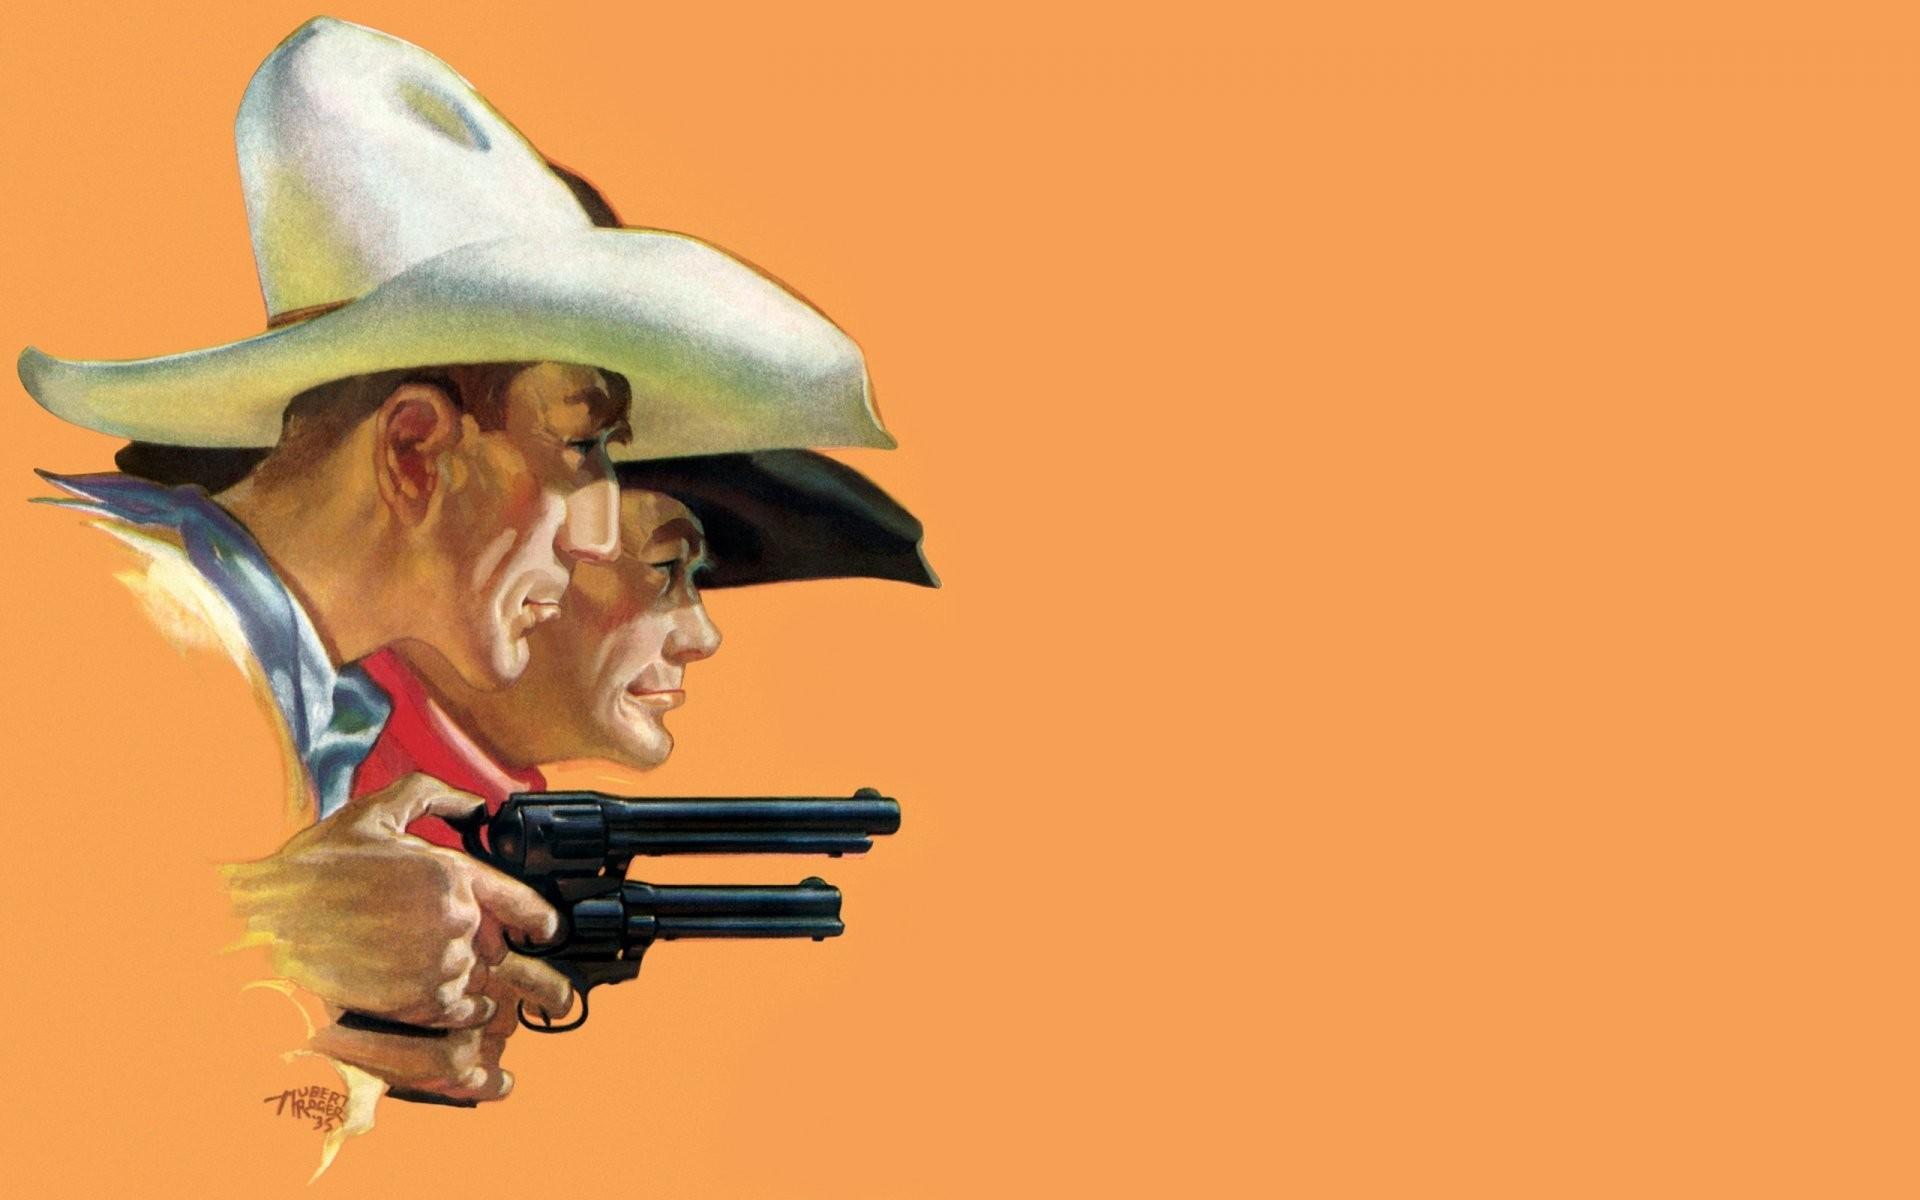 the wild west wild west cowboy stetson revolver